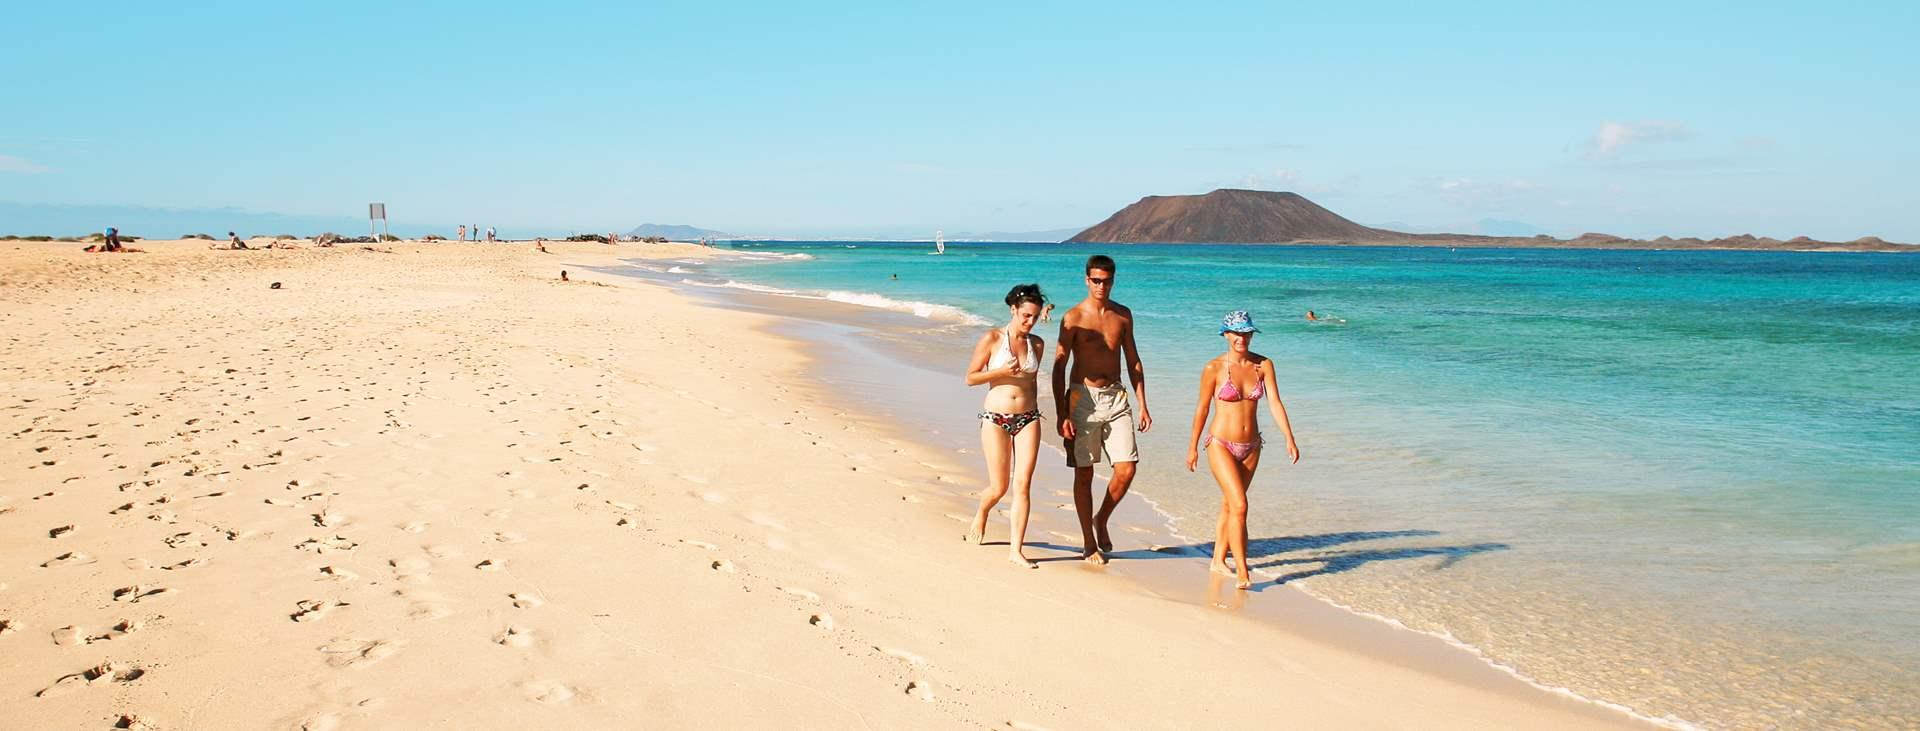 Varaa lomamatkasi Tjäreborgilta Fuerteventuralle, Kanariansaarille